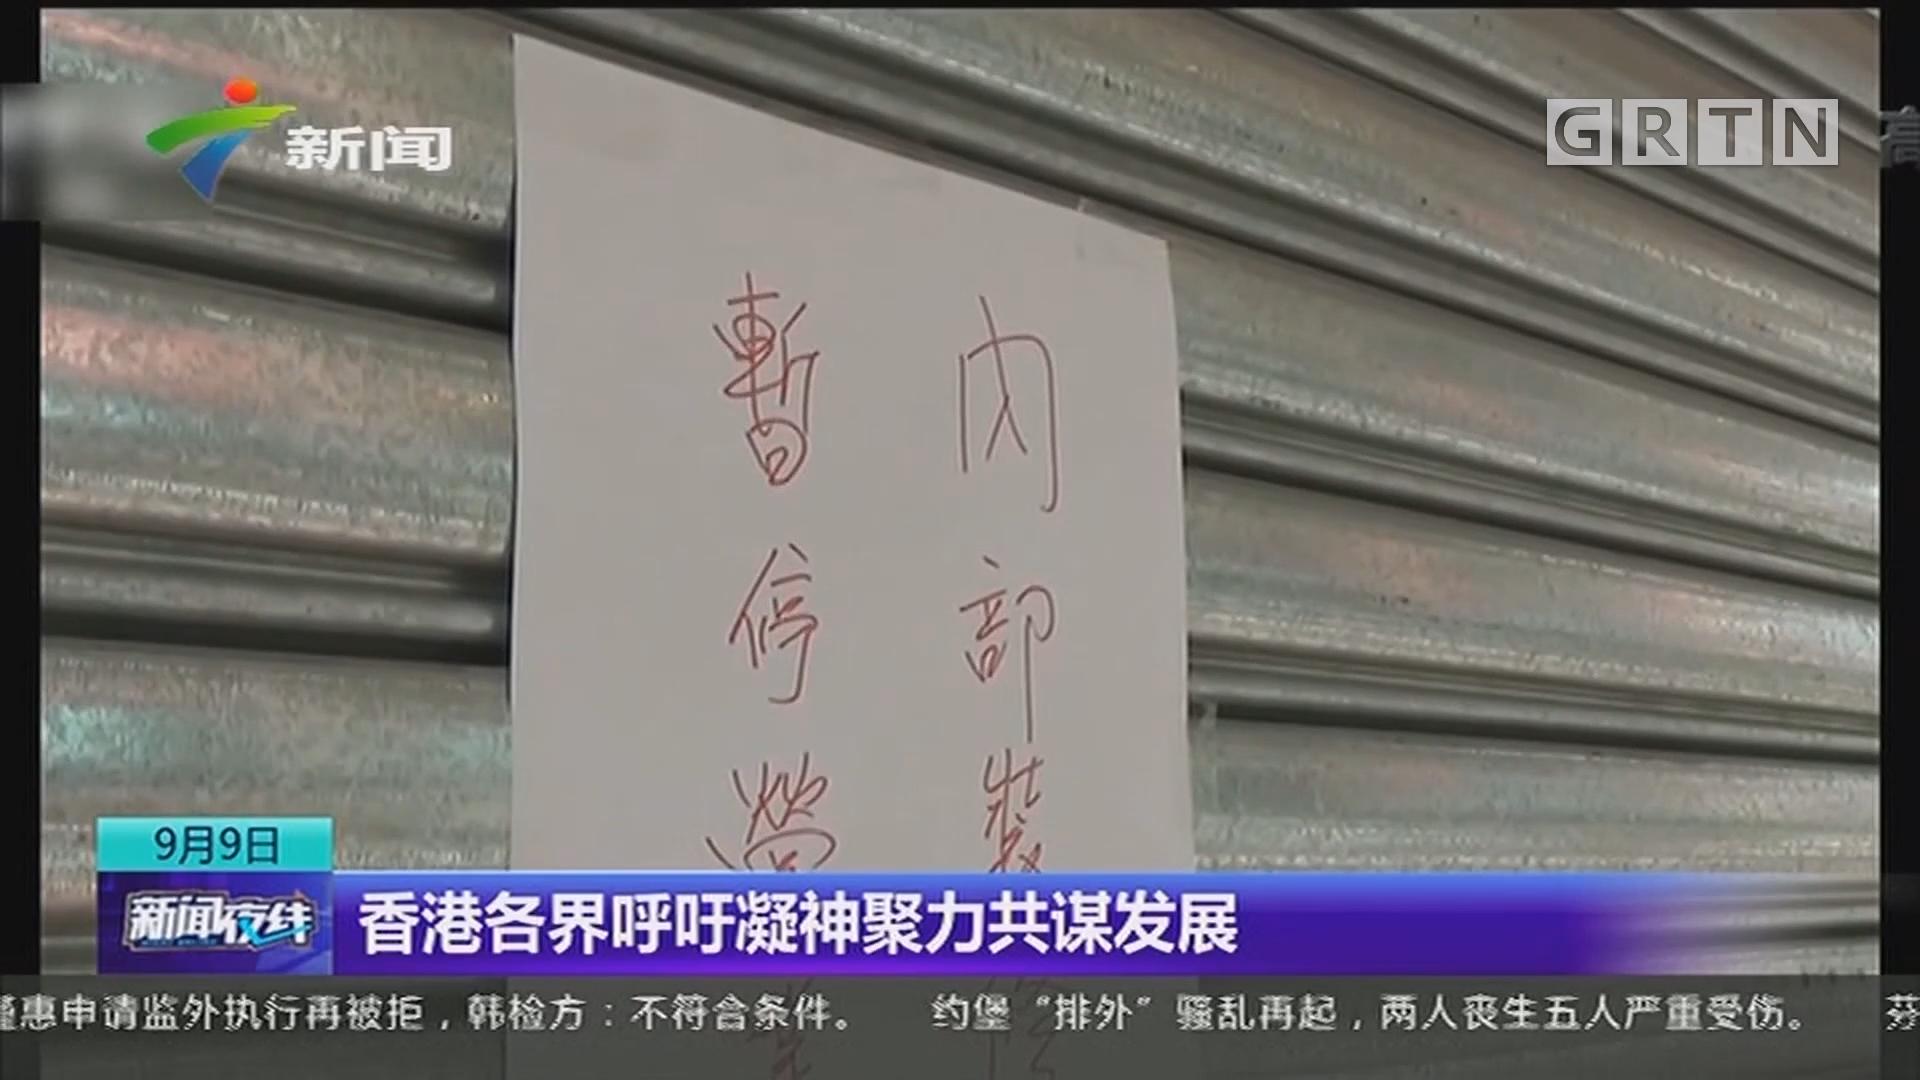 香港各界呼吁凝神聚力共谋发展